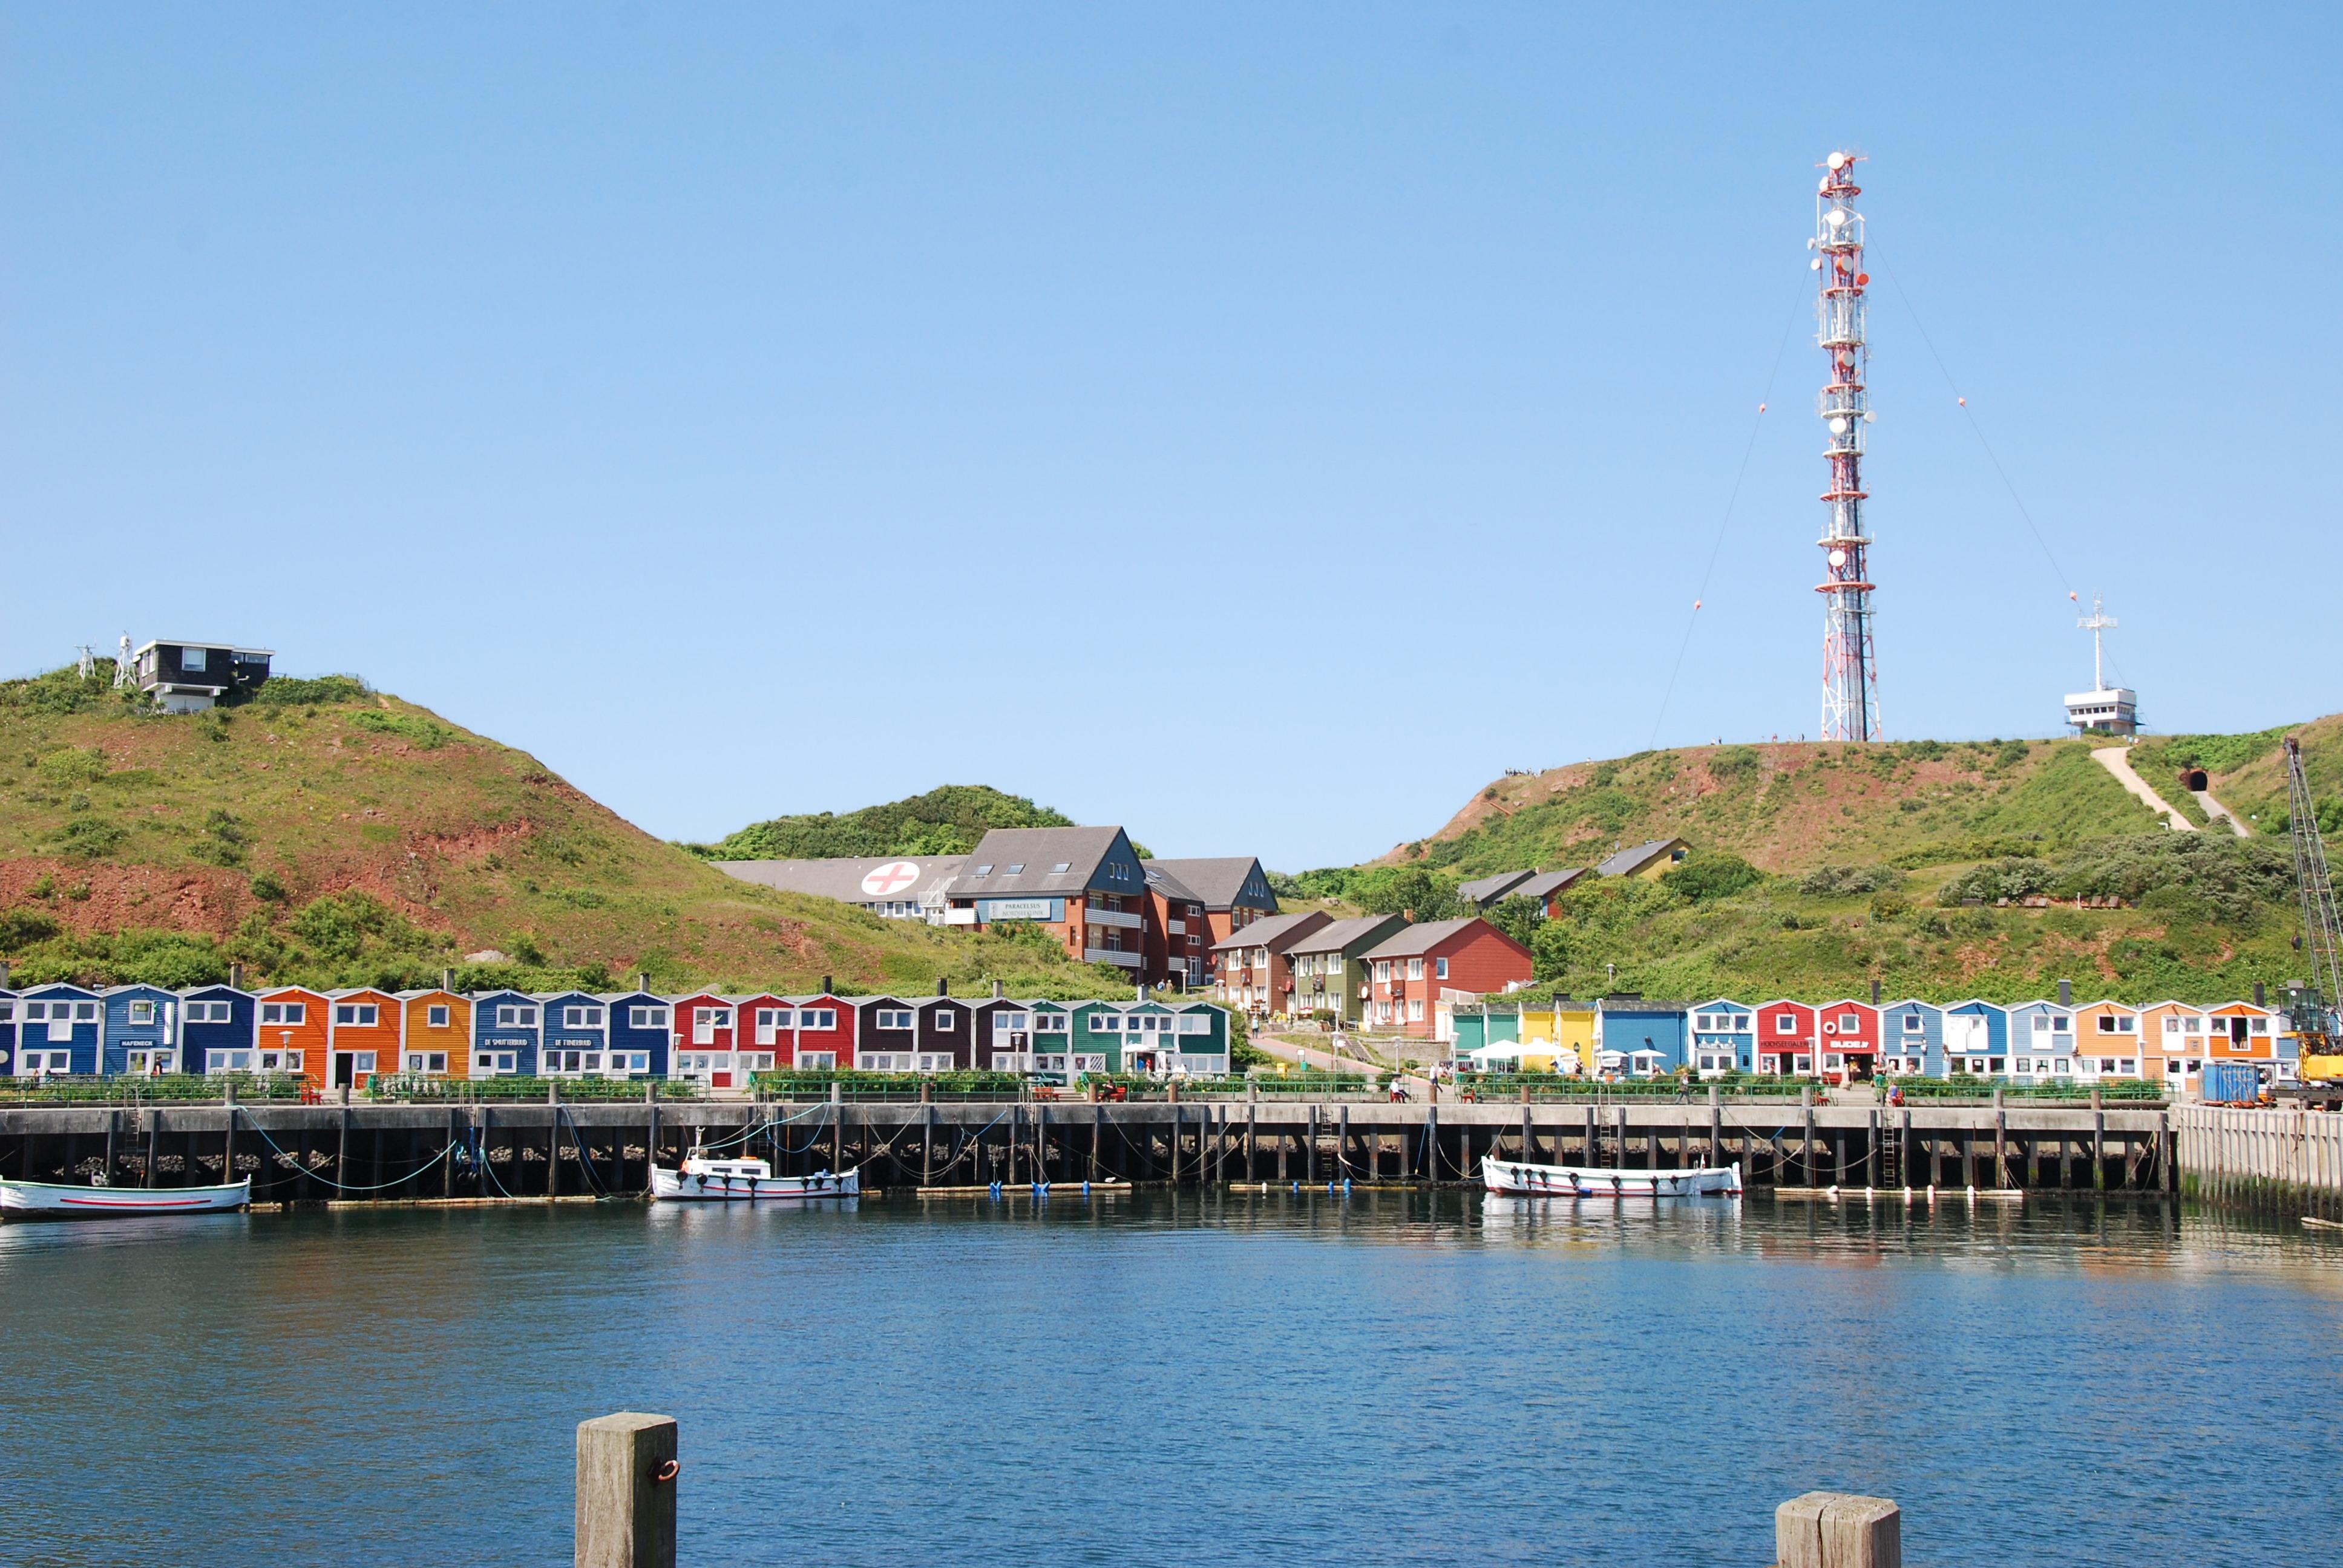 """De farvestrålende """"Hummerbuden"""", fiskernes havde tidligere deres redskaber i disse huse, nu er det for turisterne."""